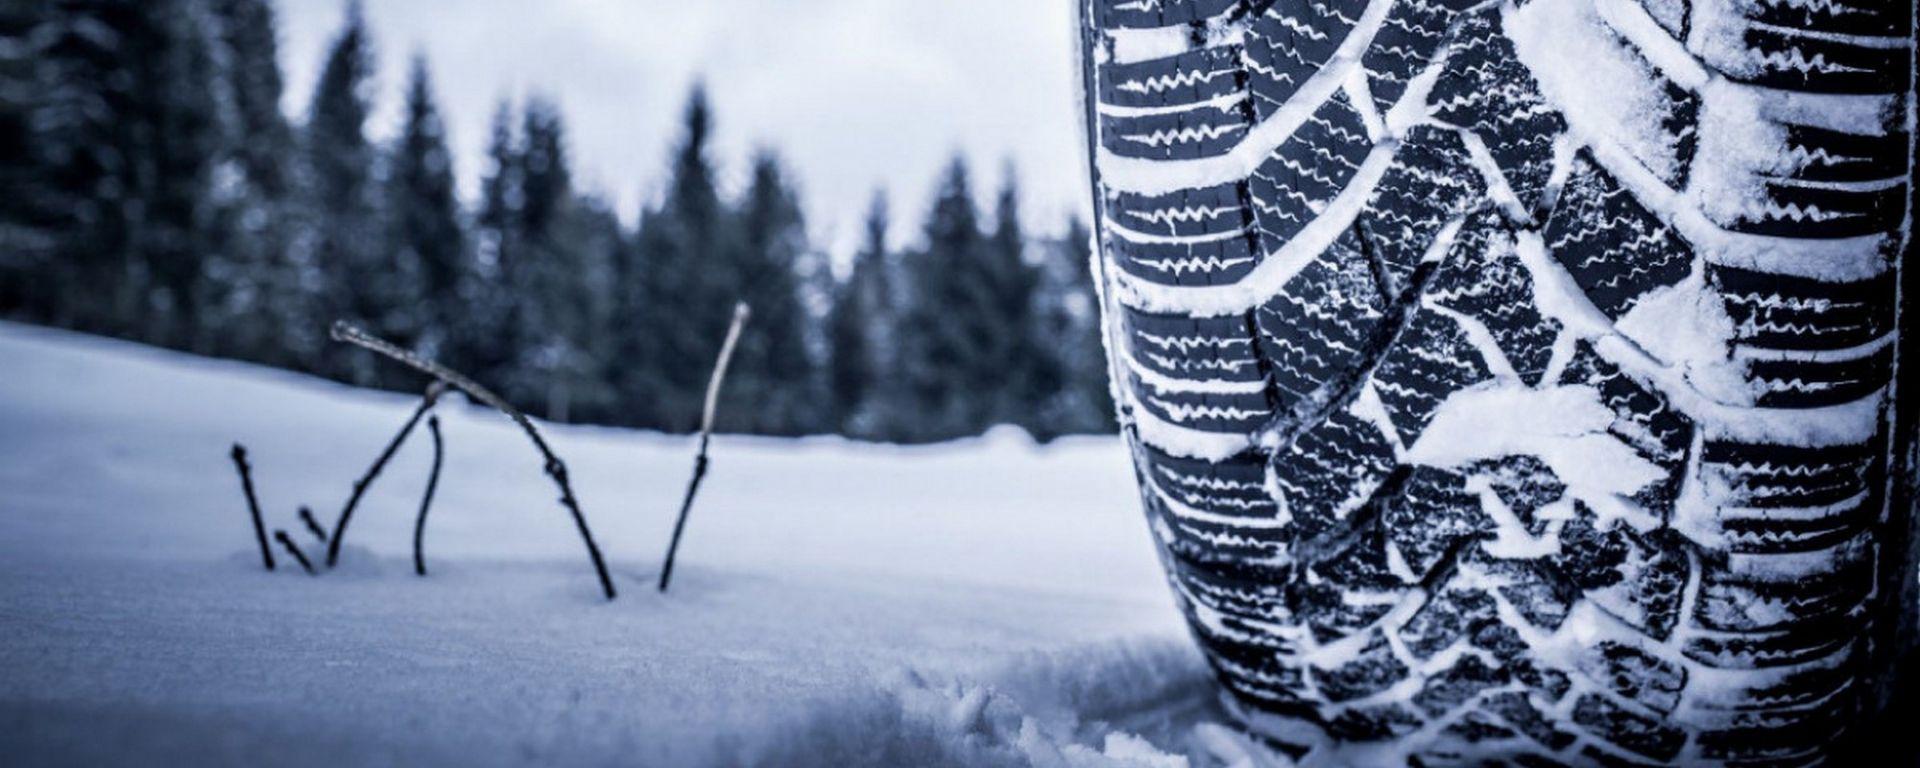 Pneumatici invernali, il 15 novembre scatta l'obbligo